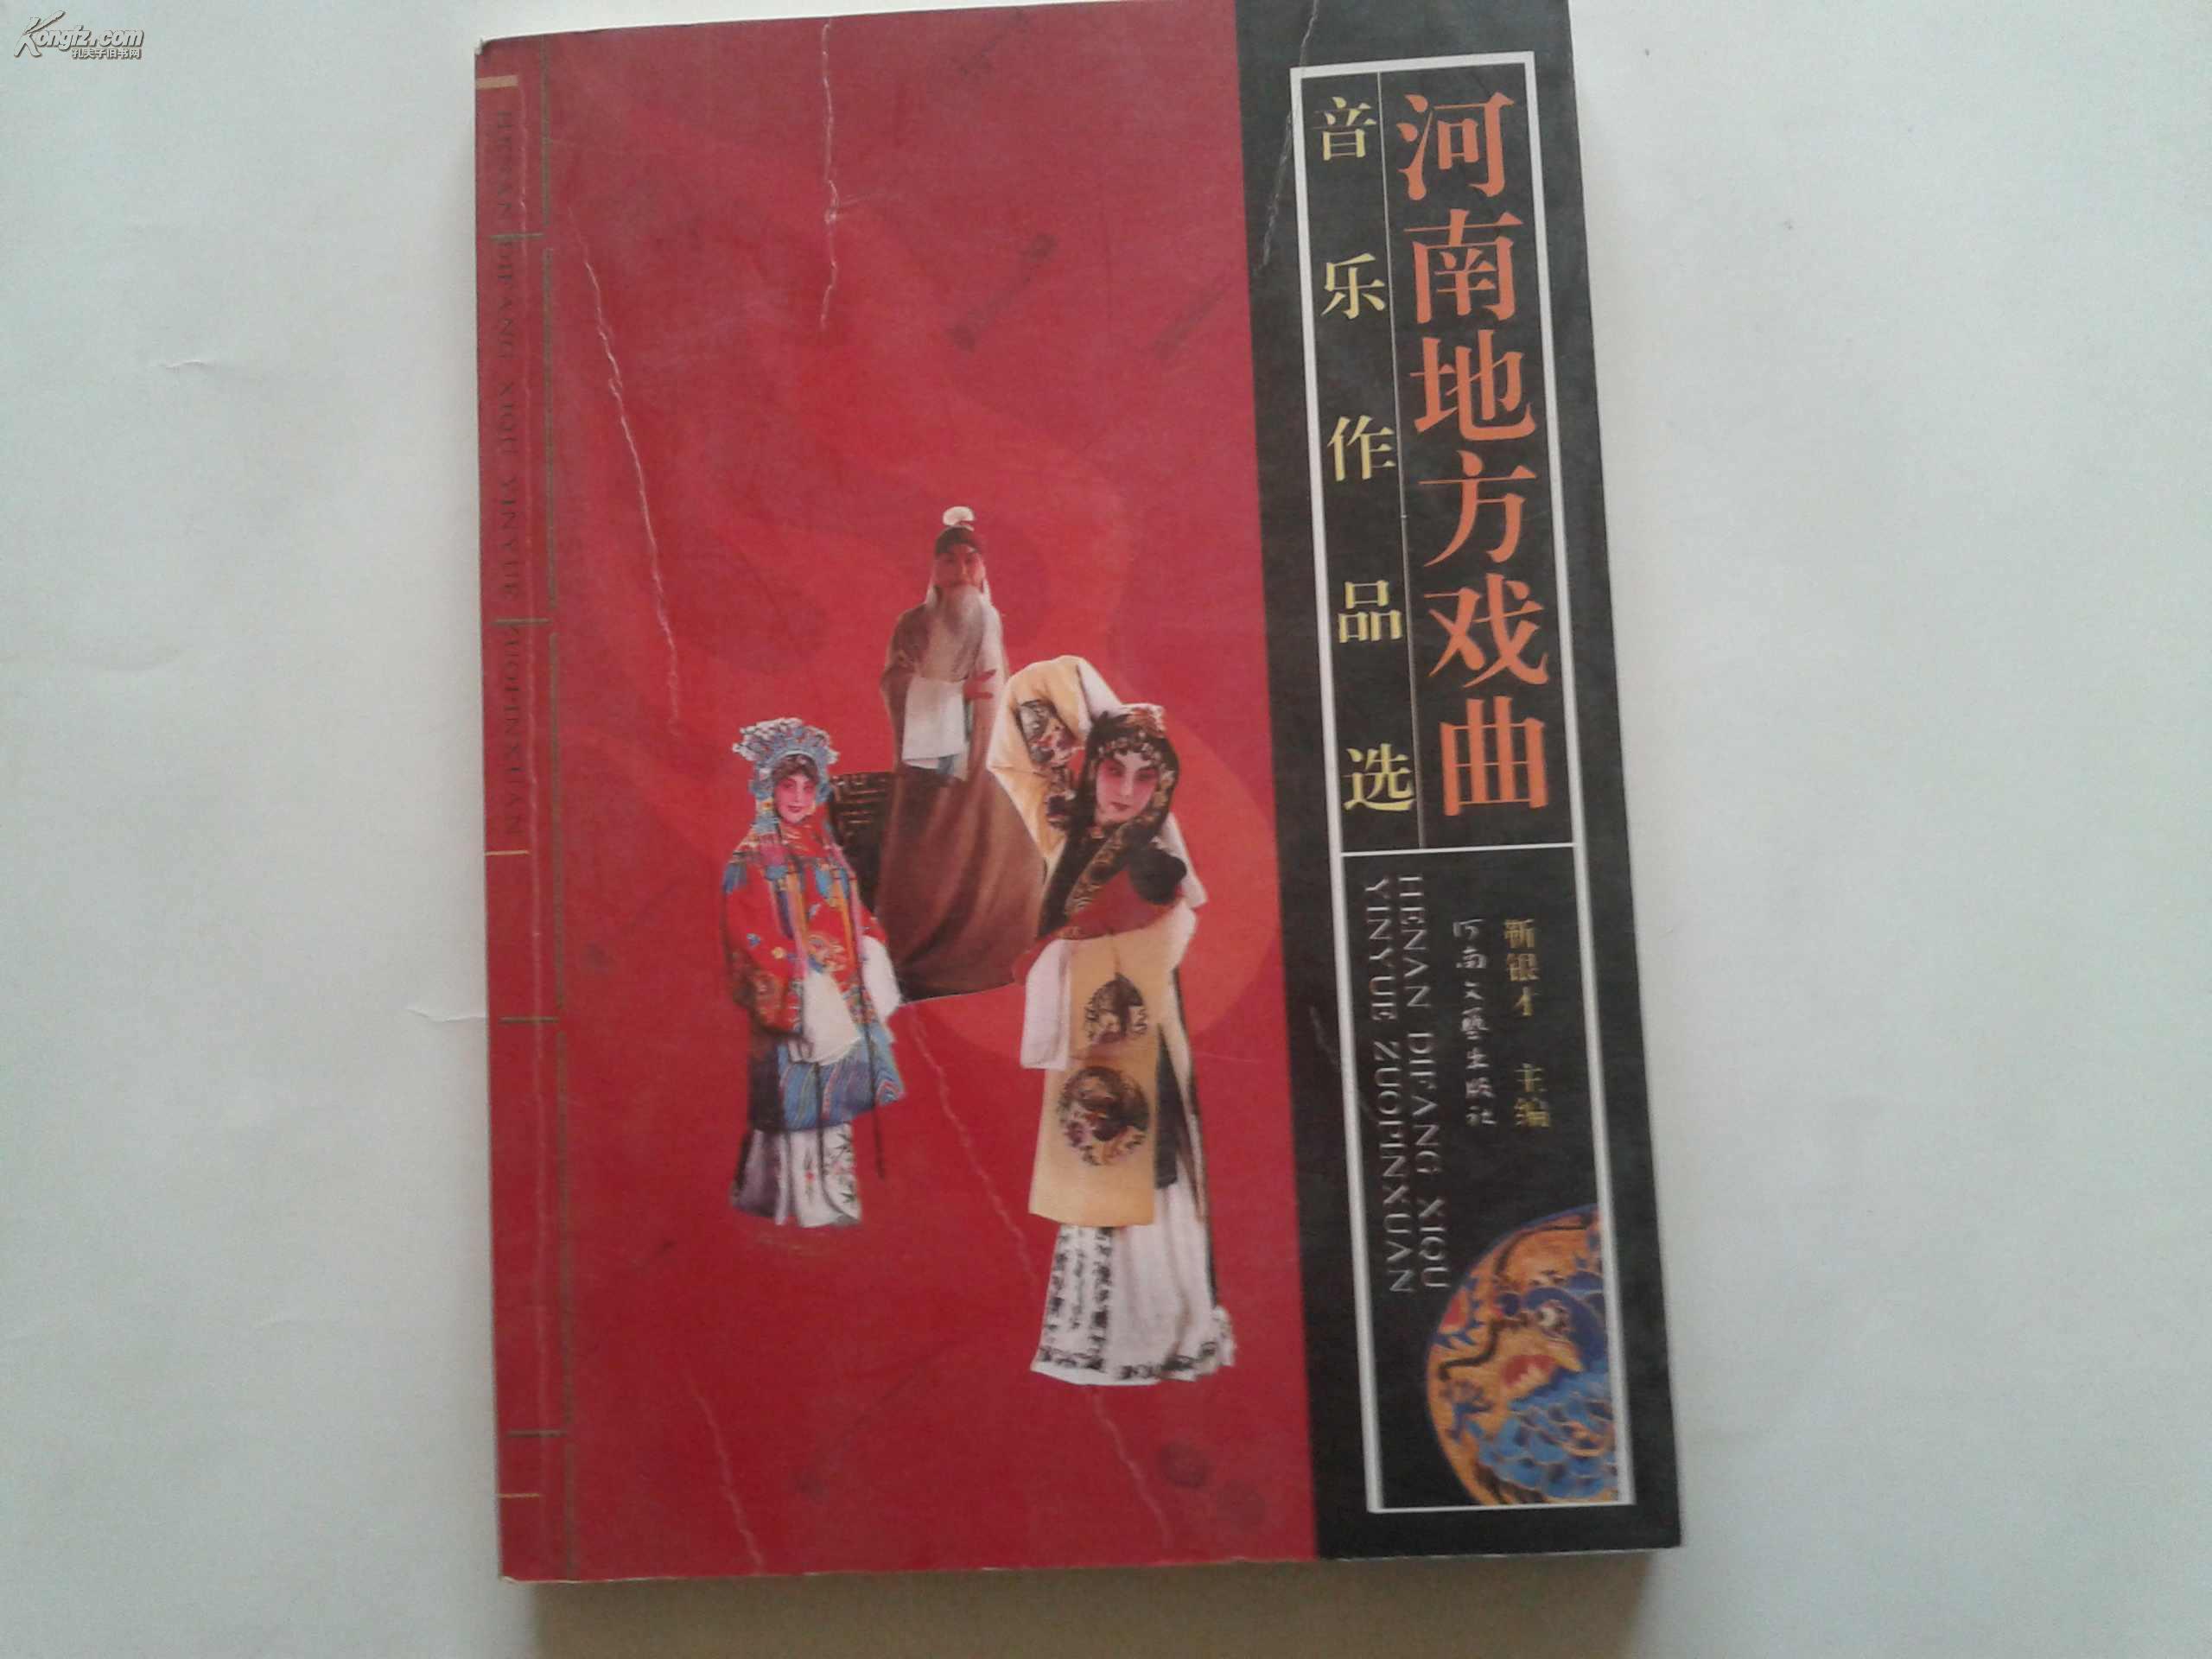 中國古典民間小調《十大勸》mp3下載